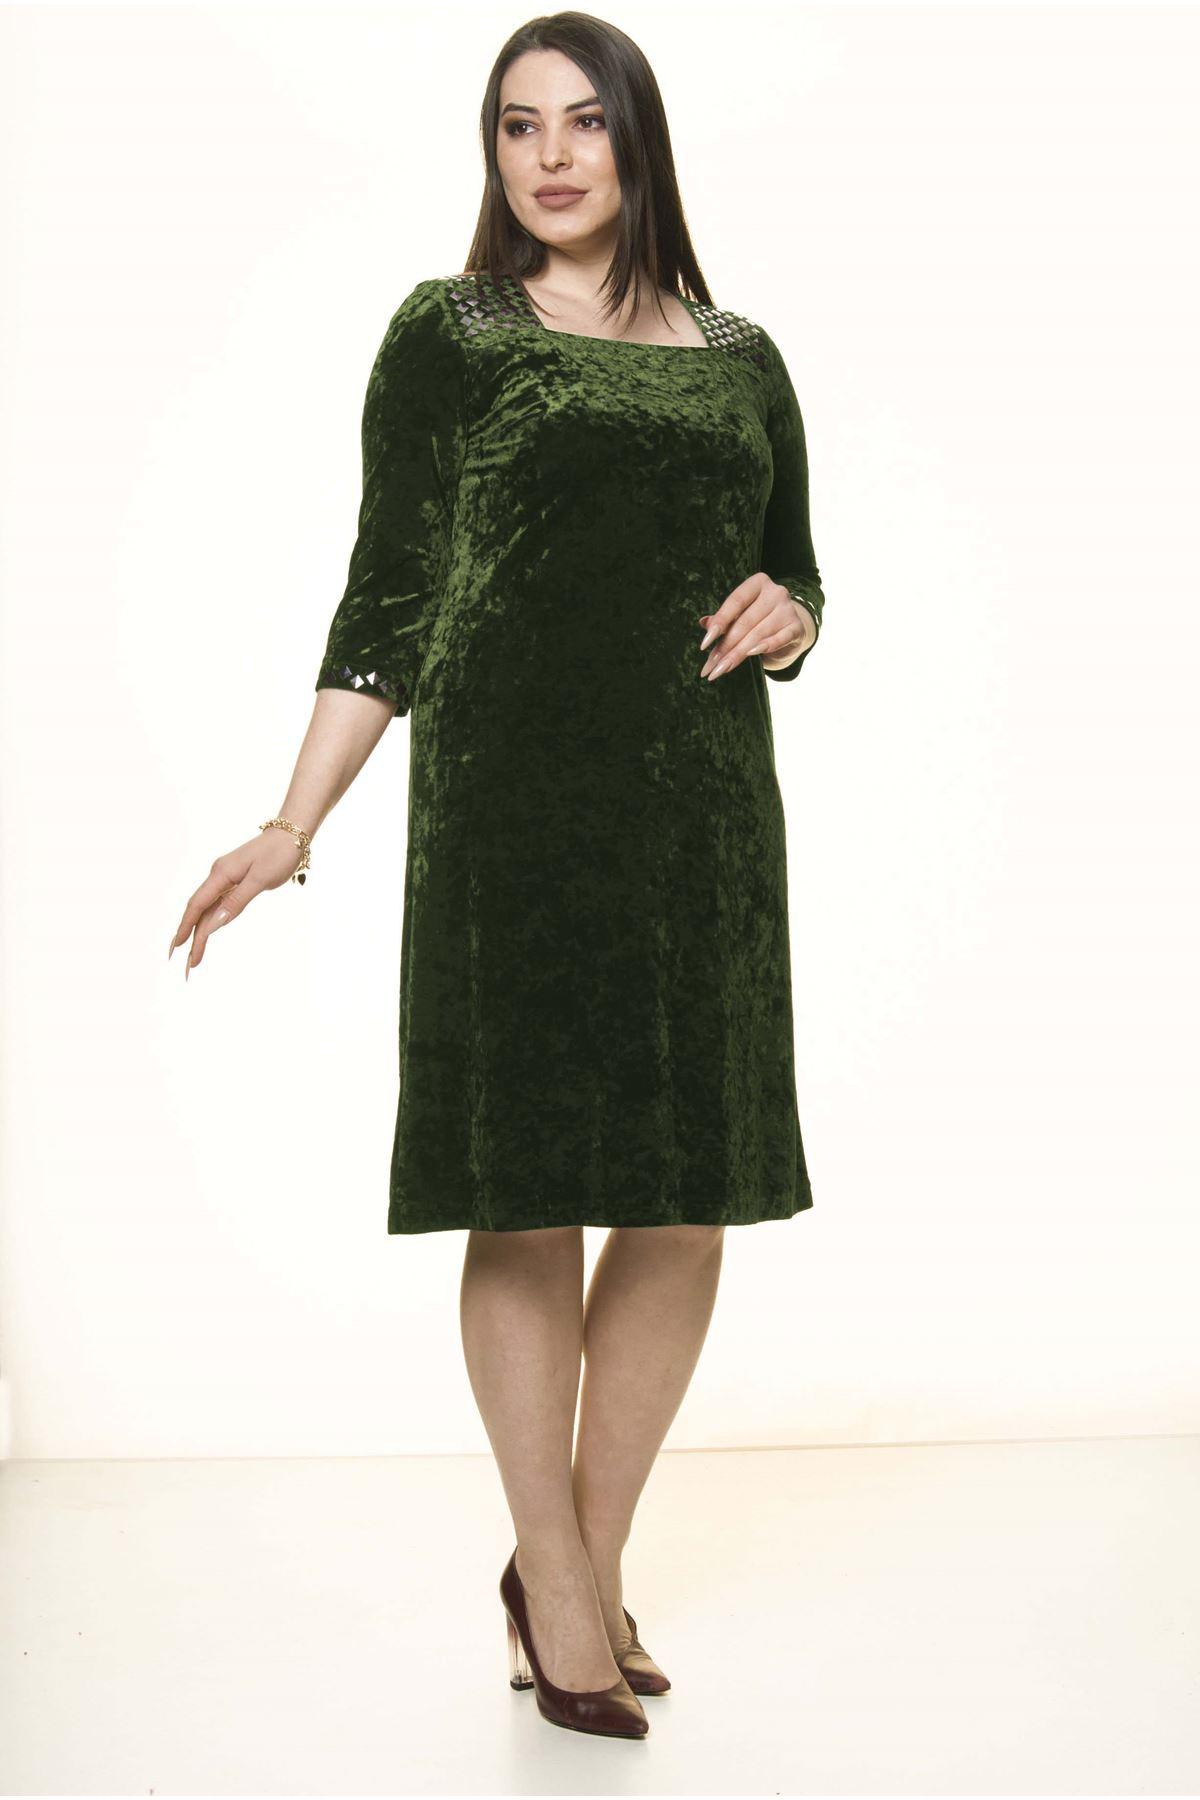 Yeşil Kadife Büyük Beden Elbise 34D-1589